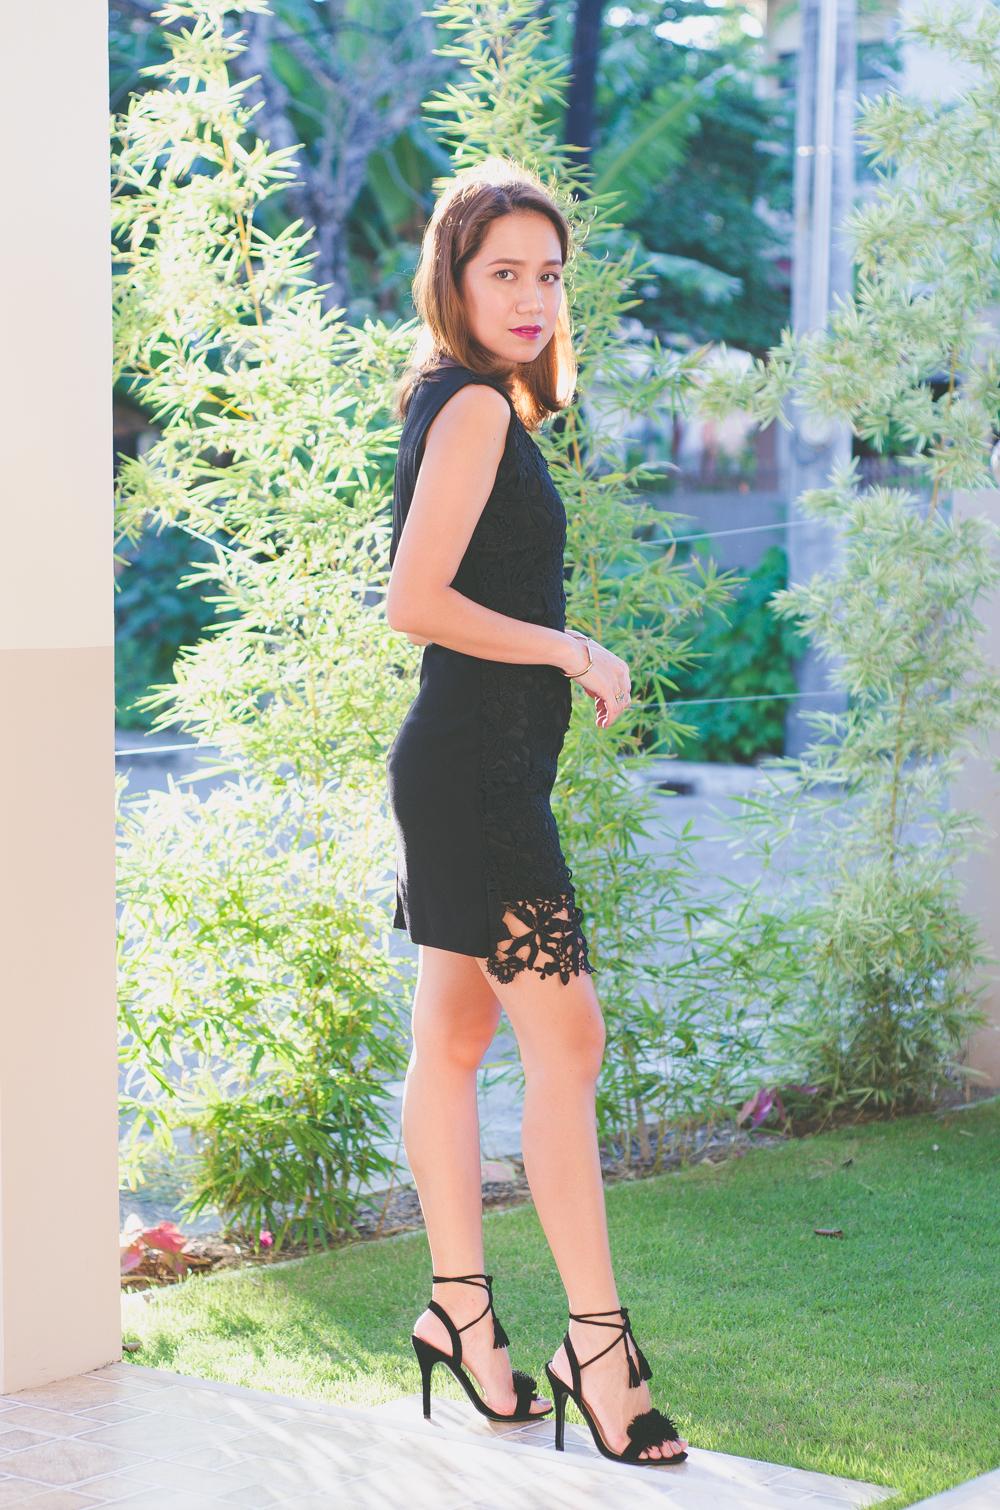 Top Filipino Fashion Blogs